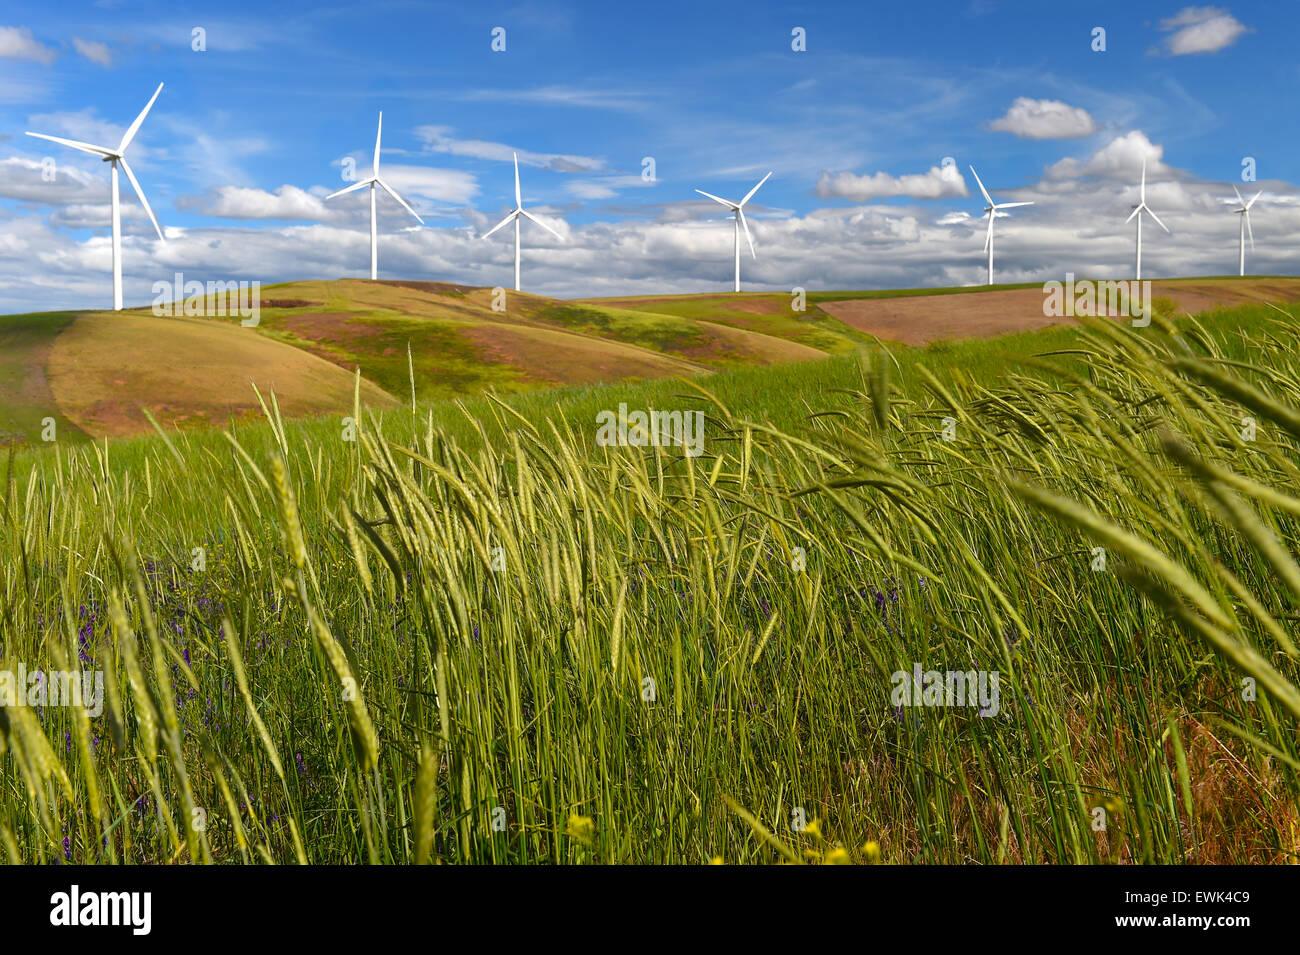 Windturbinen Sie Bauernhof-auf Hügel Kontrast grünen Rasen und blauer Himmel, US-Bundesstaat Washington, Stockbild